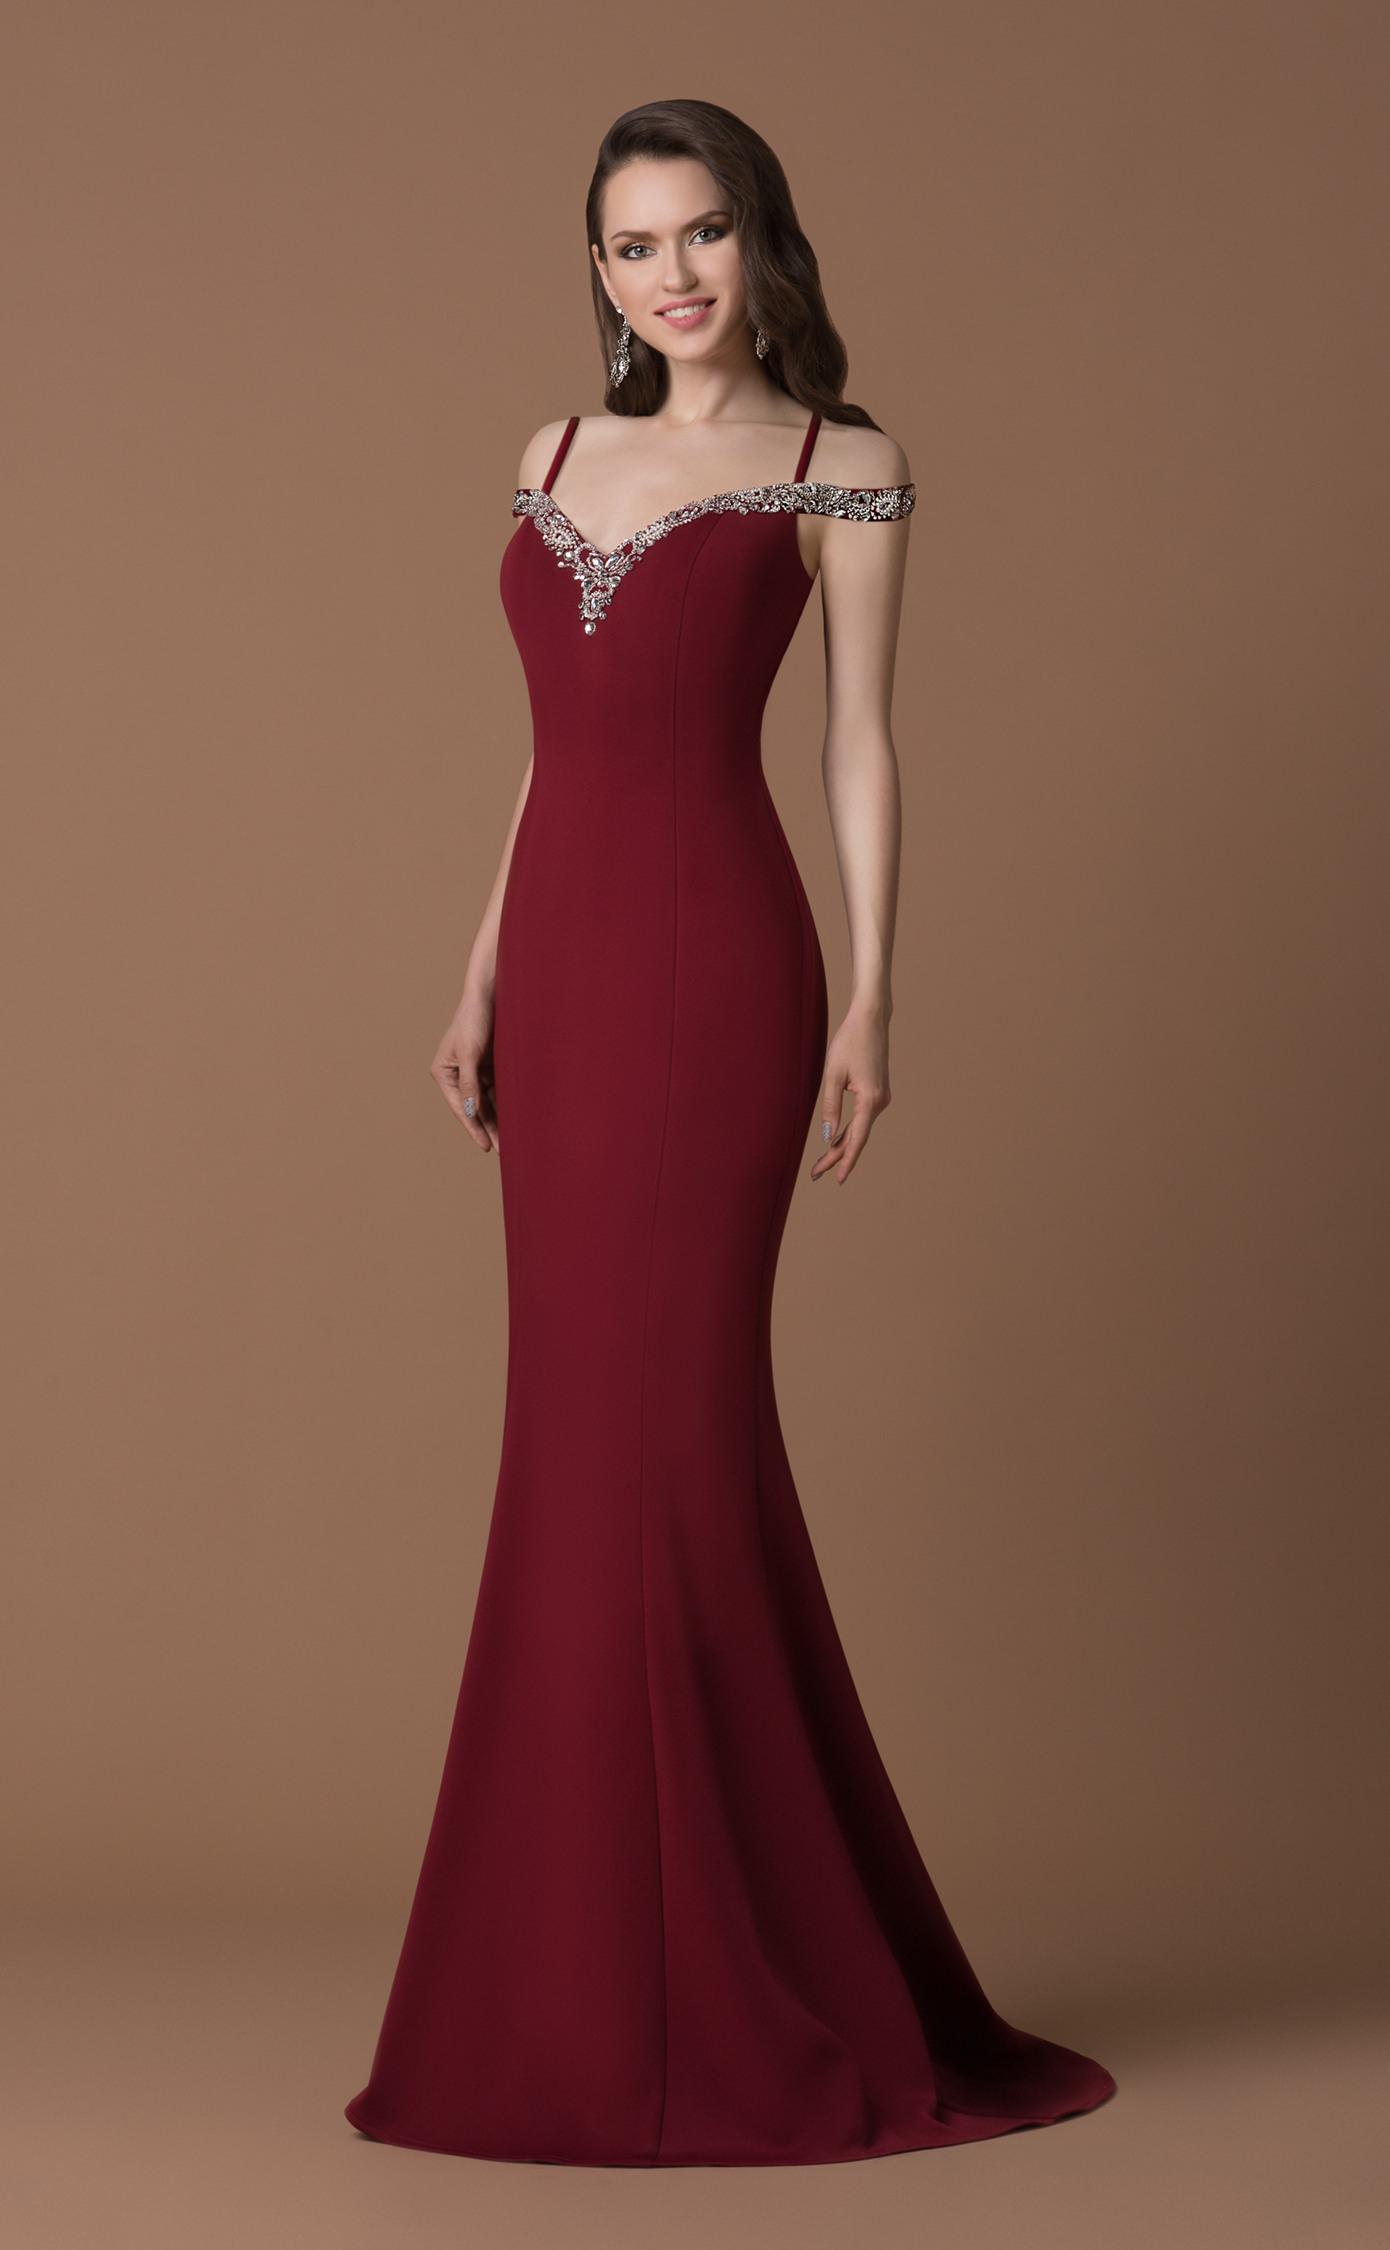 13 Schön Abend Kleid Galerie20 Erstaunlich Abend Kleid Boutique